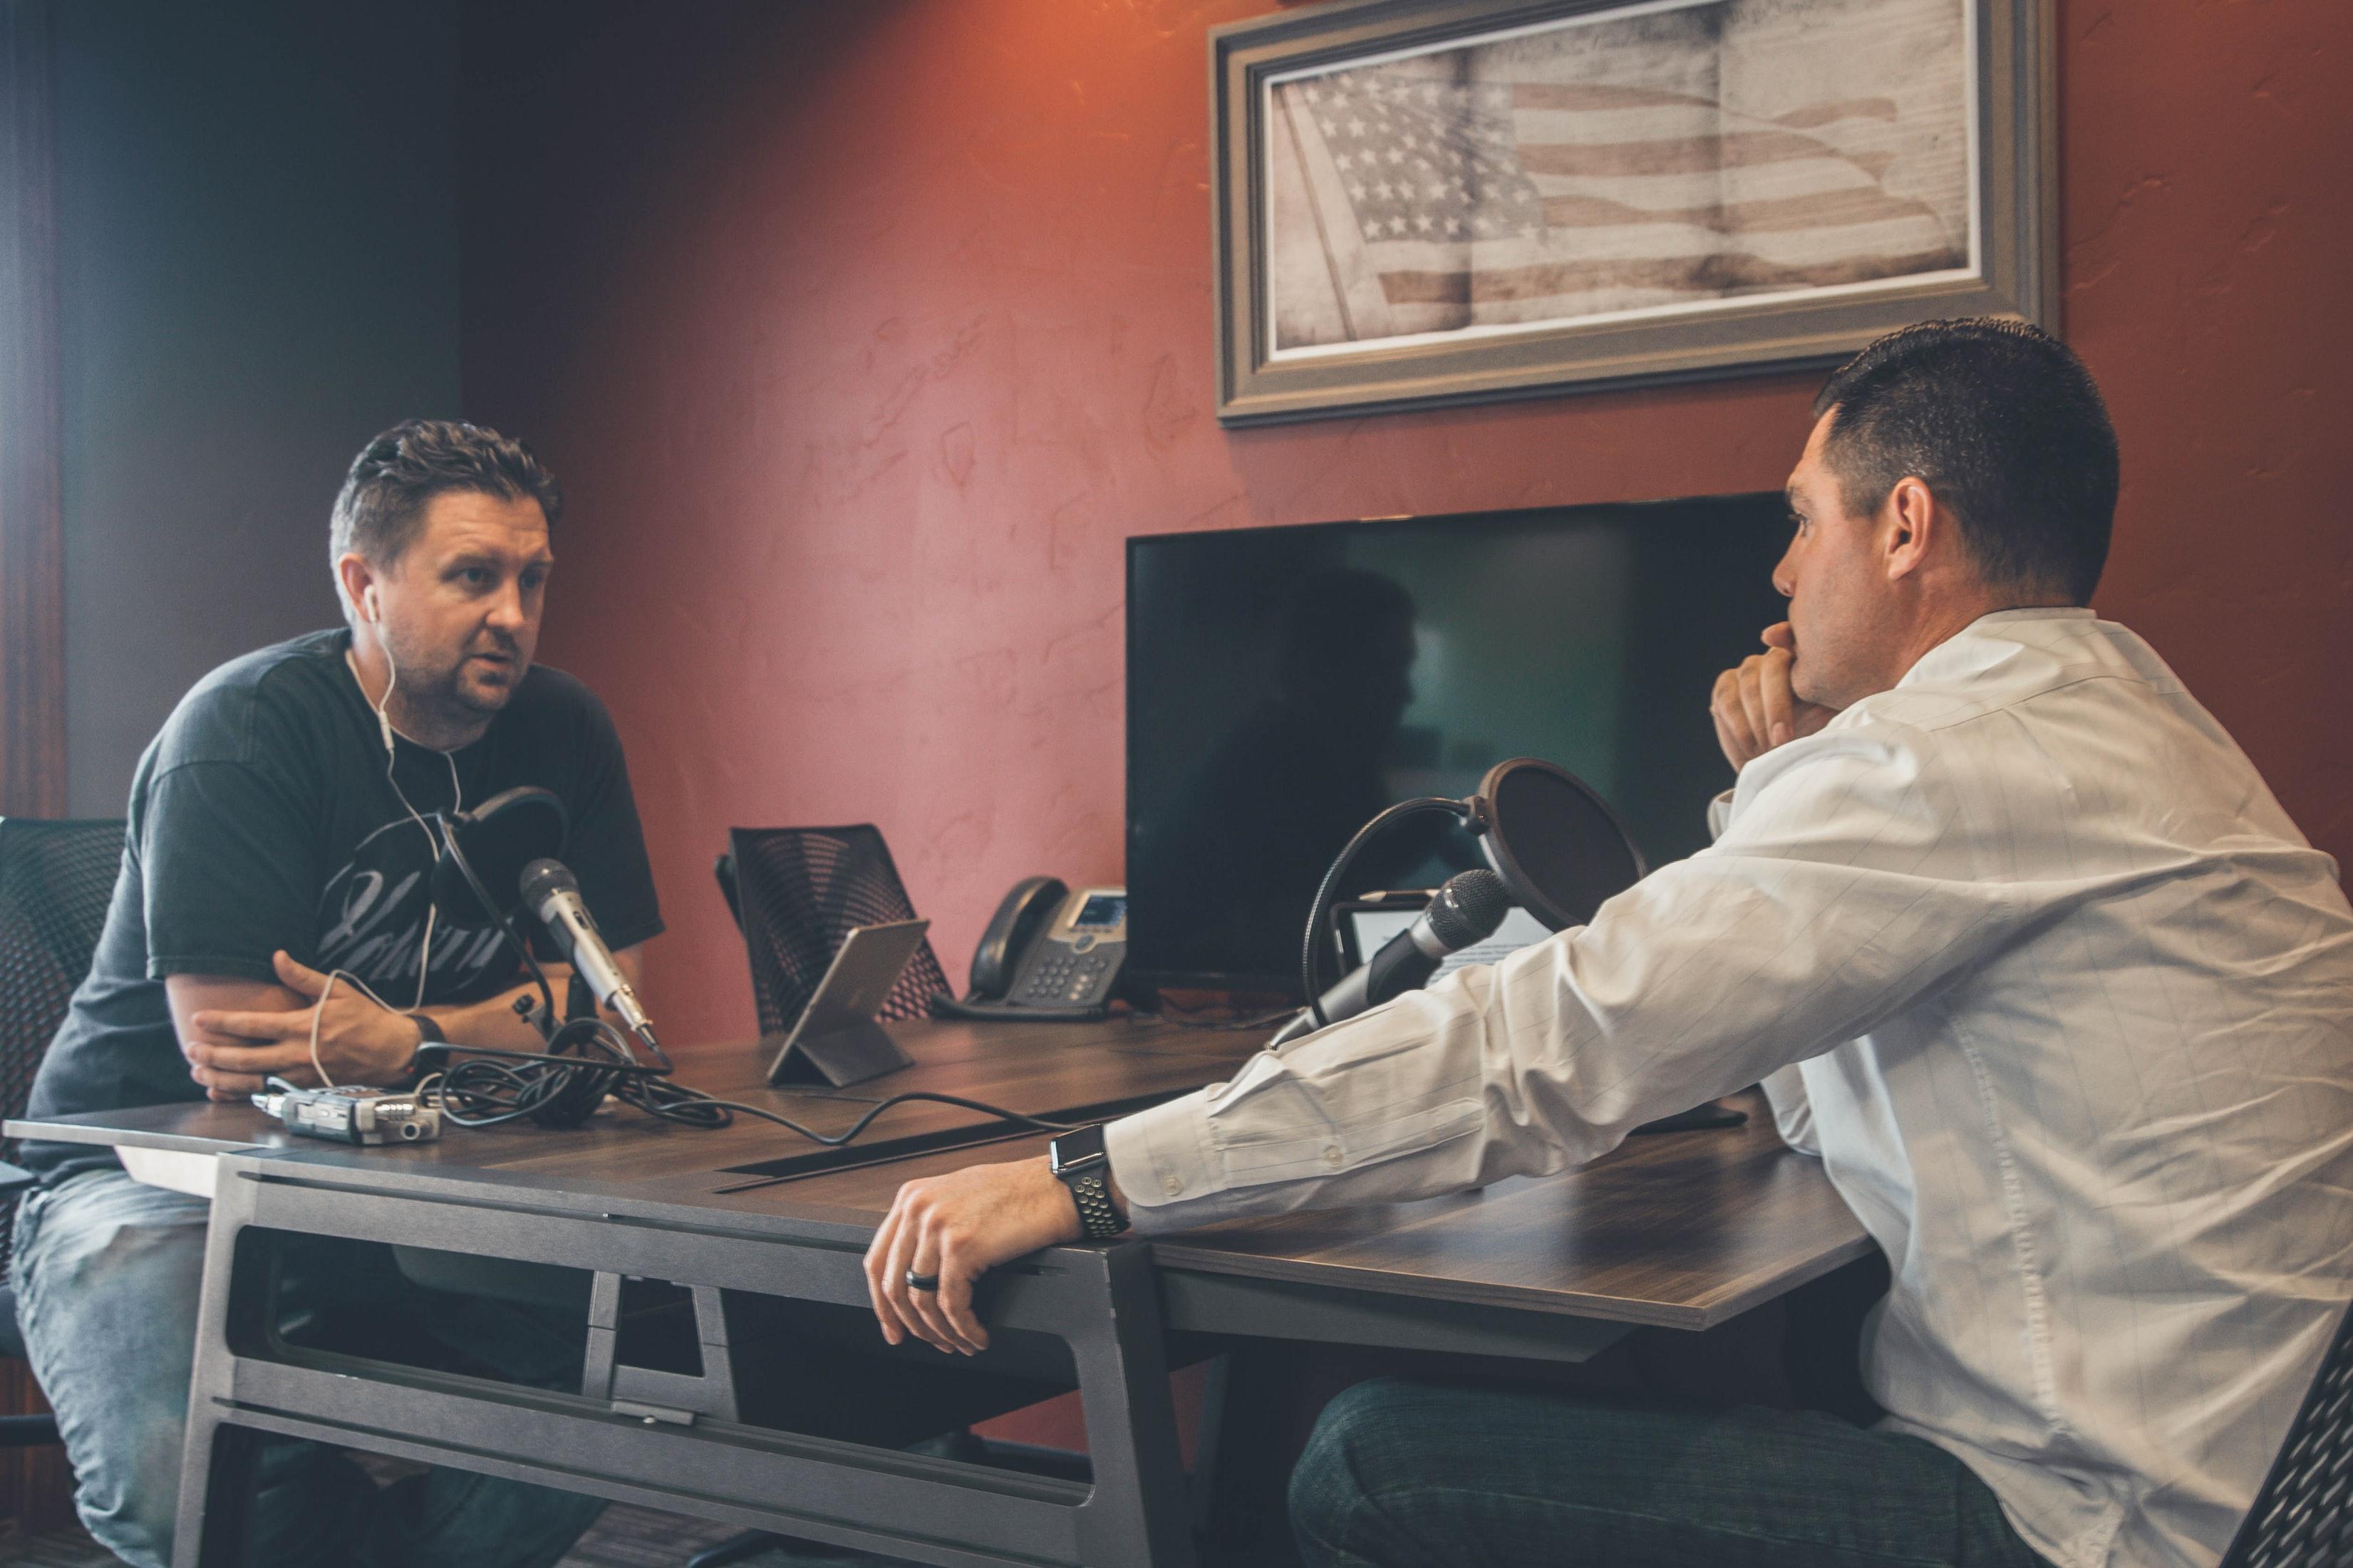 wywiad film